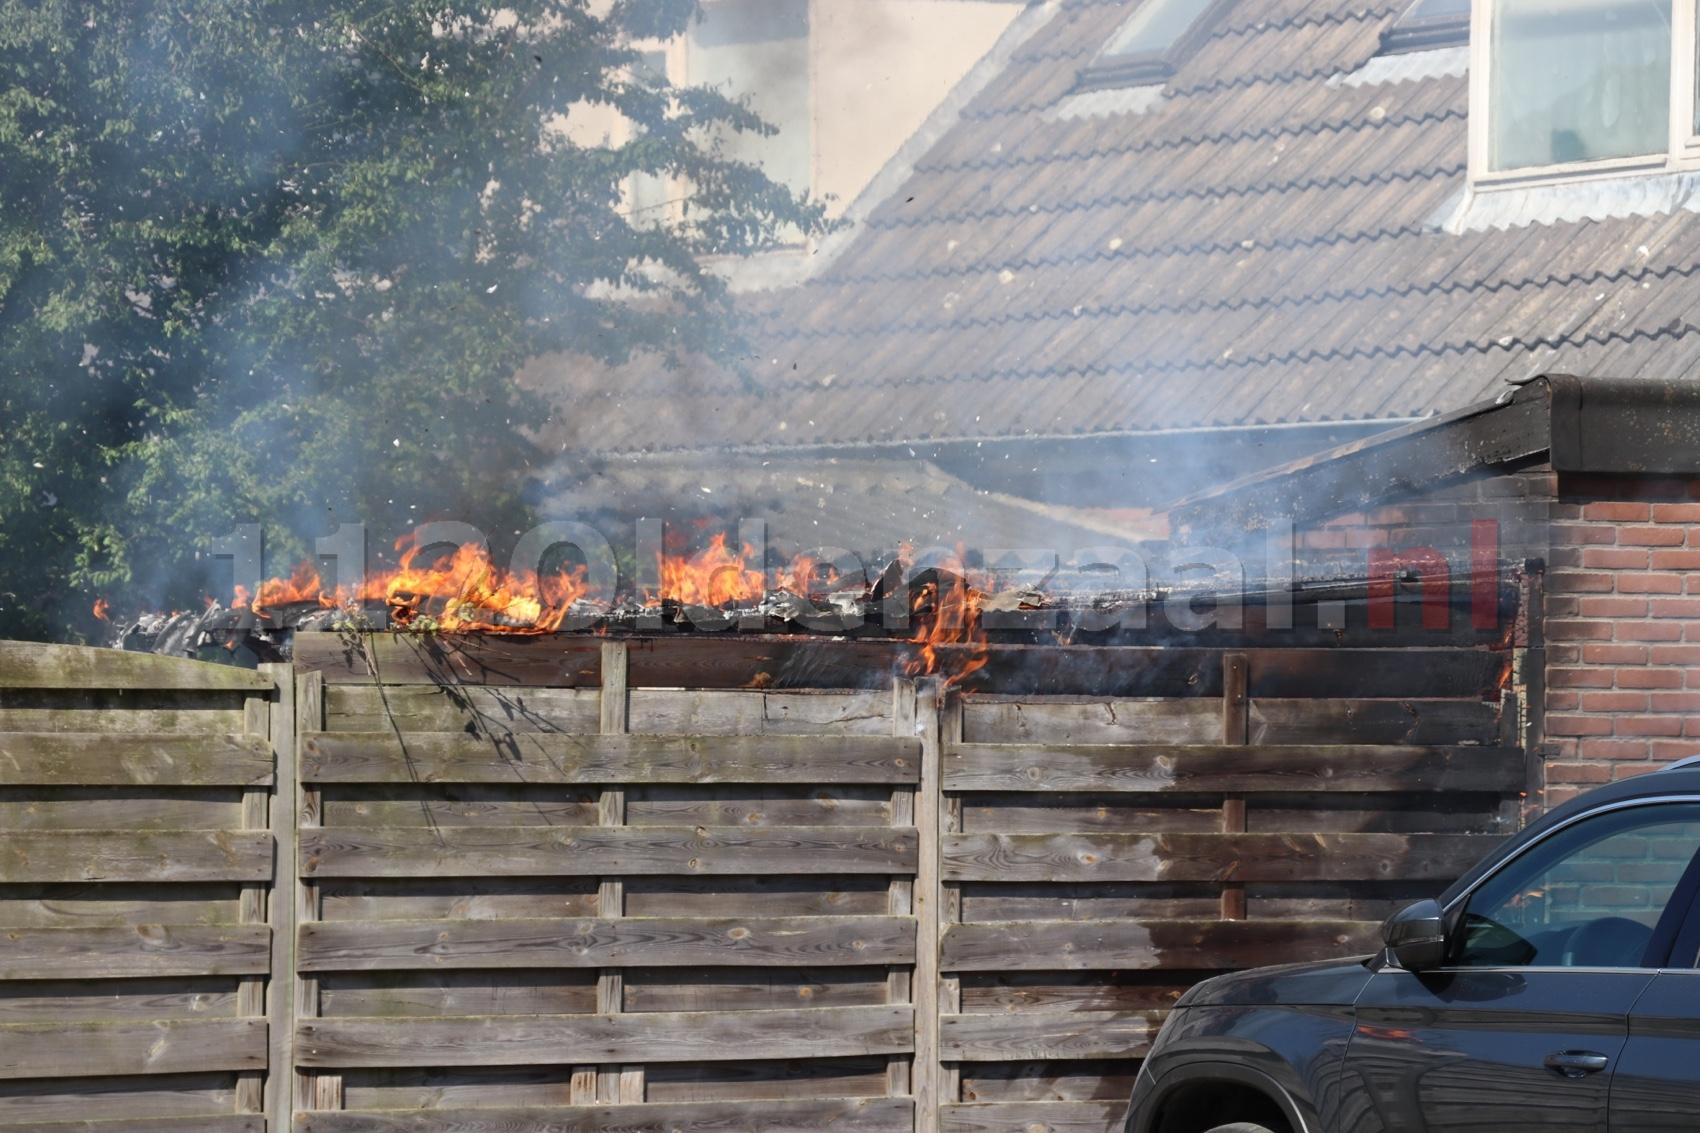 Brandweer rukt uit voor brand achter woning in Oldenzaal